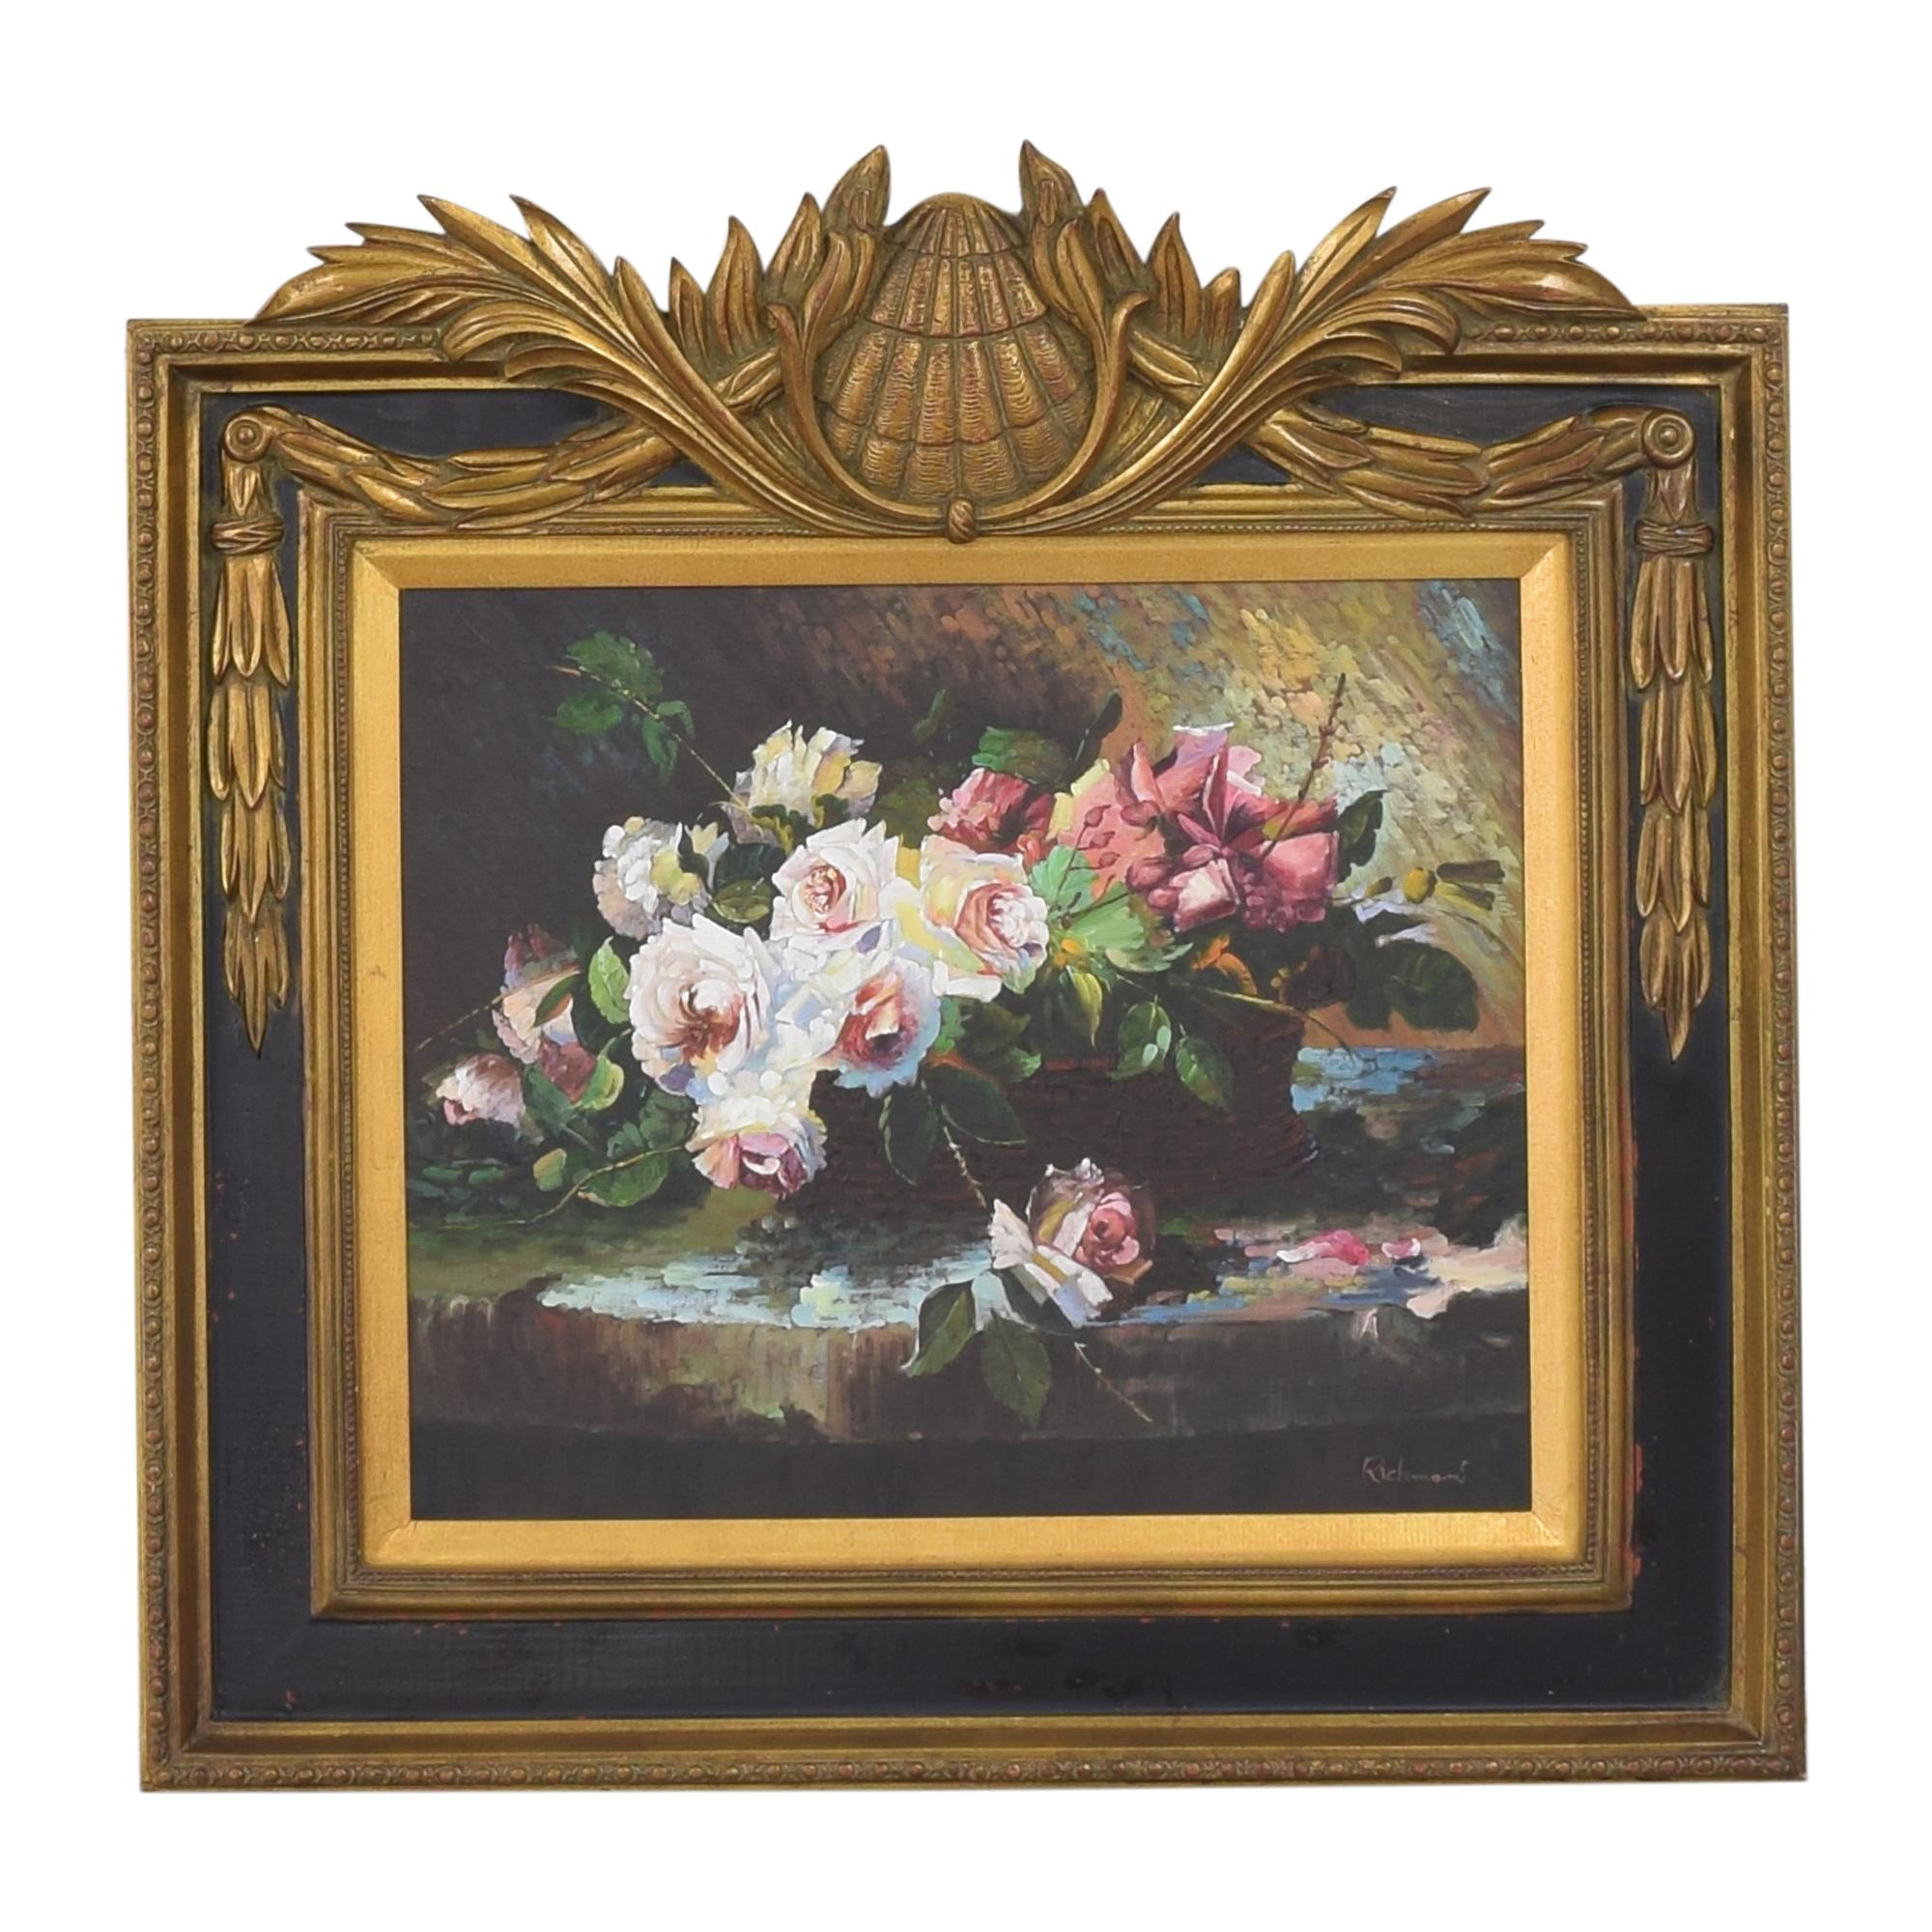 Floral Peony Still Life Art nj